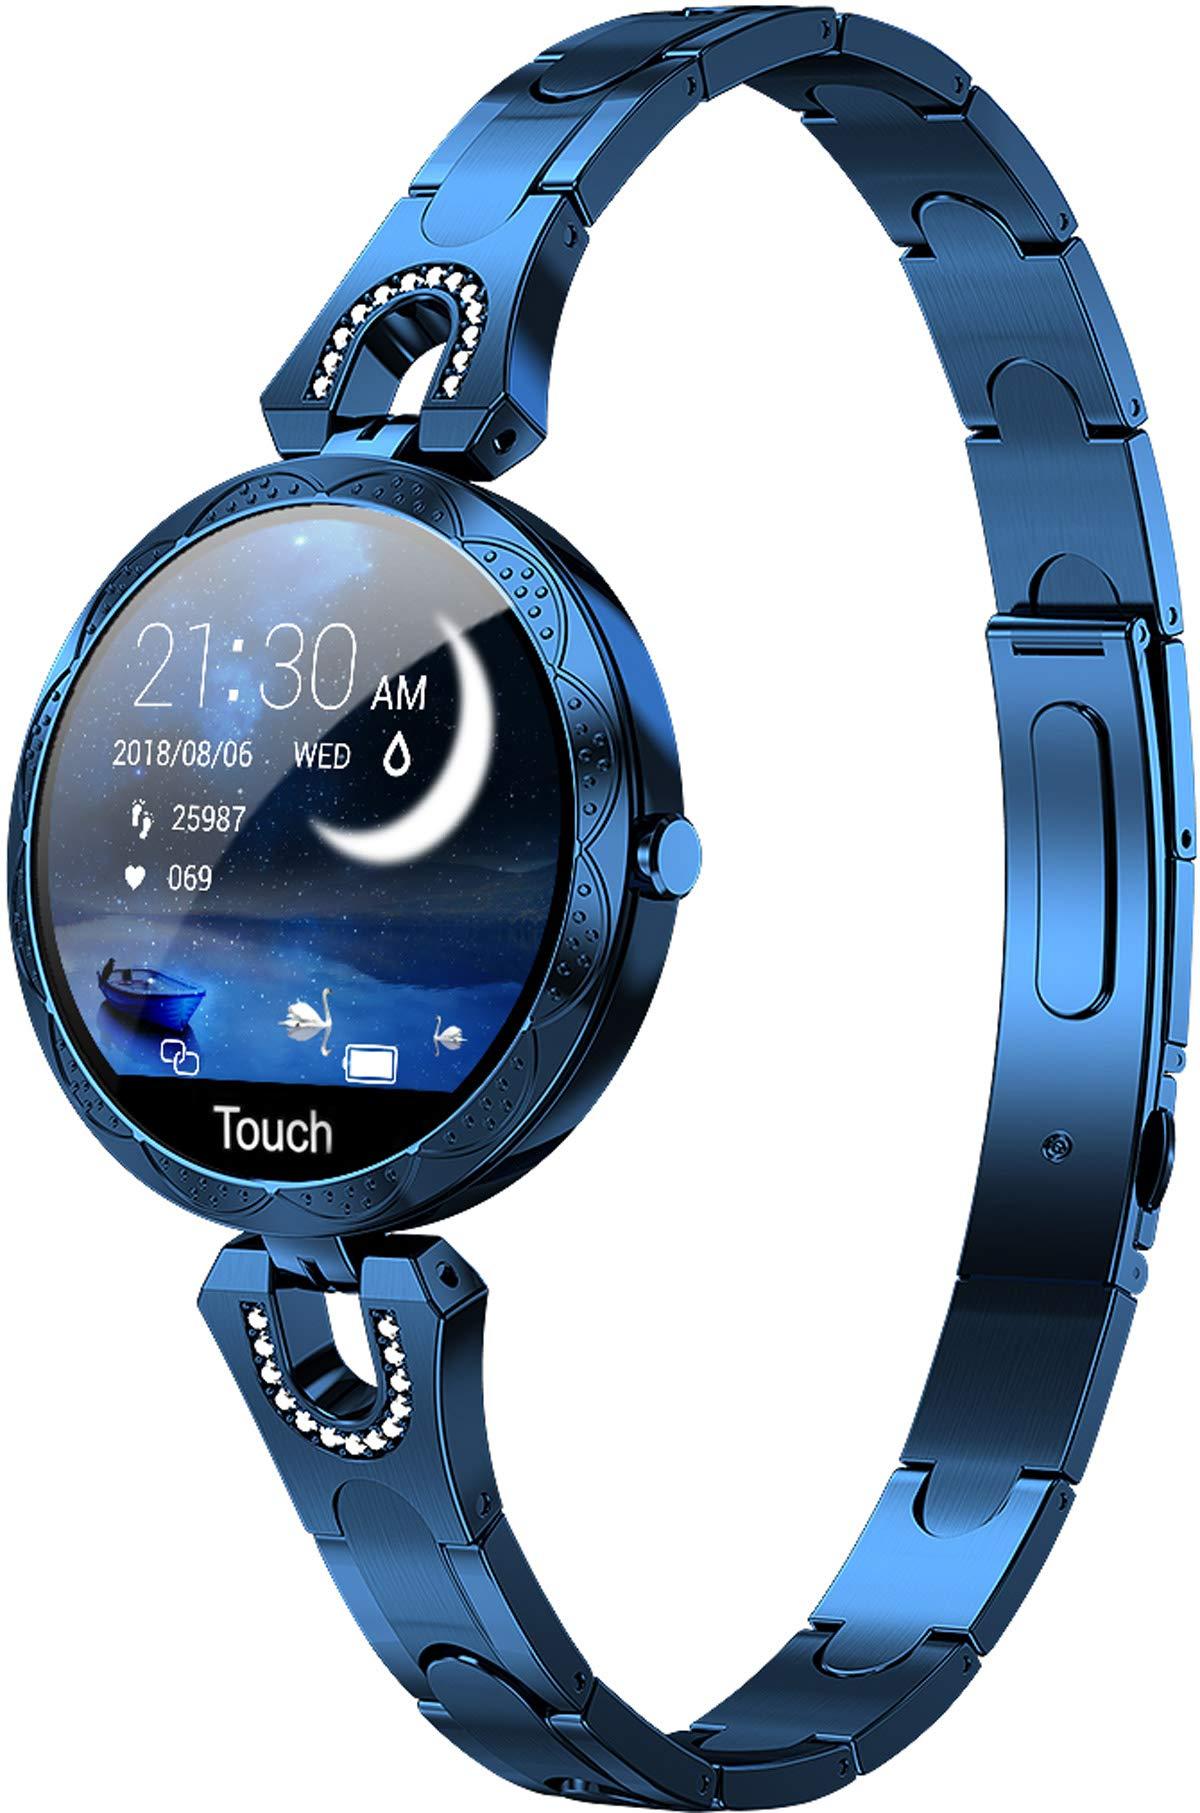 Rosegold-Damen-Smartwatch-Herzfrequenz-Blutdruck-Schrittzhler-Kalorienverbrauch-Diamant-Schmuck-Stylische-Armbanduhr-Design-Elegant